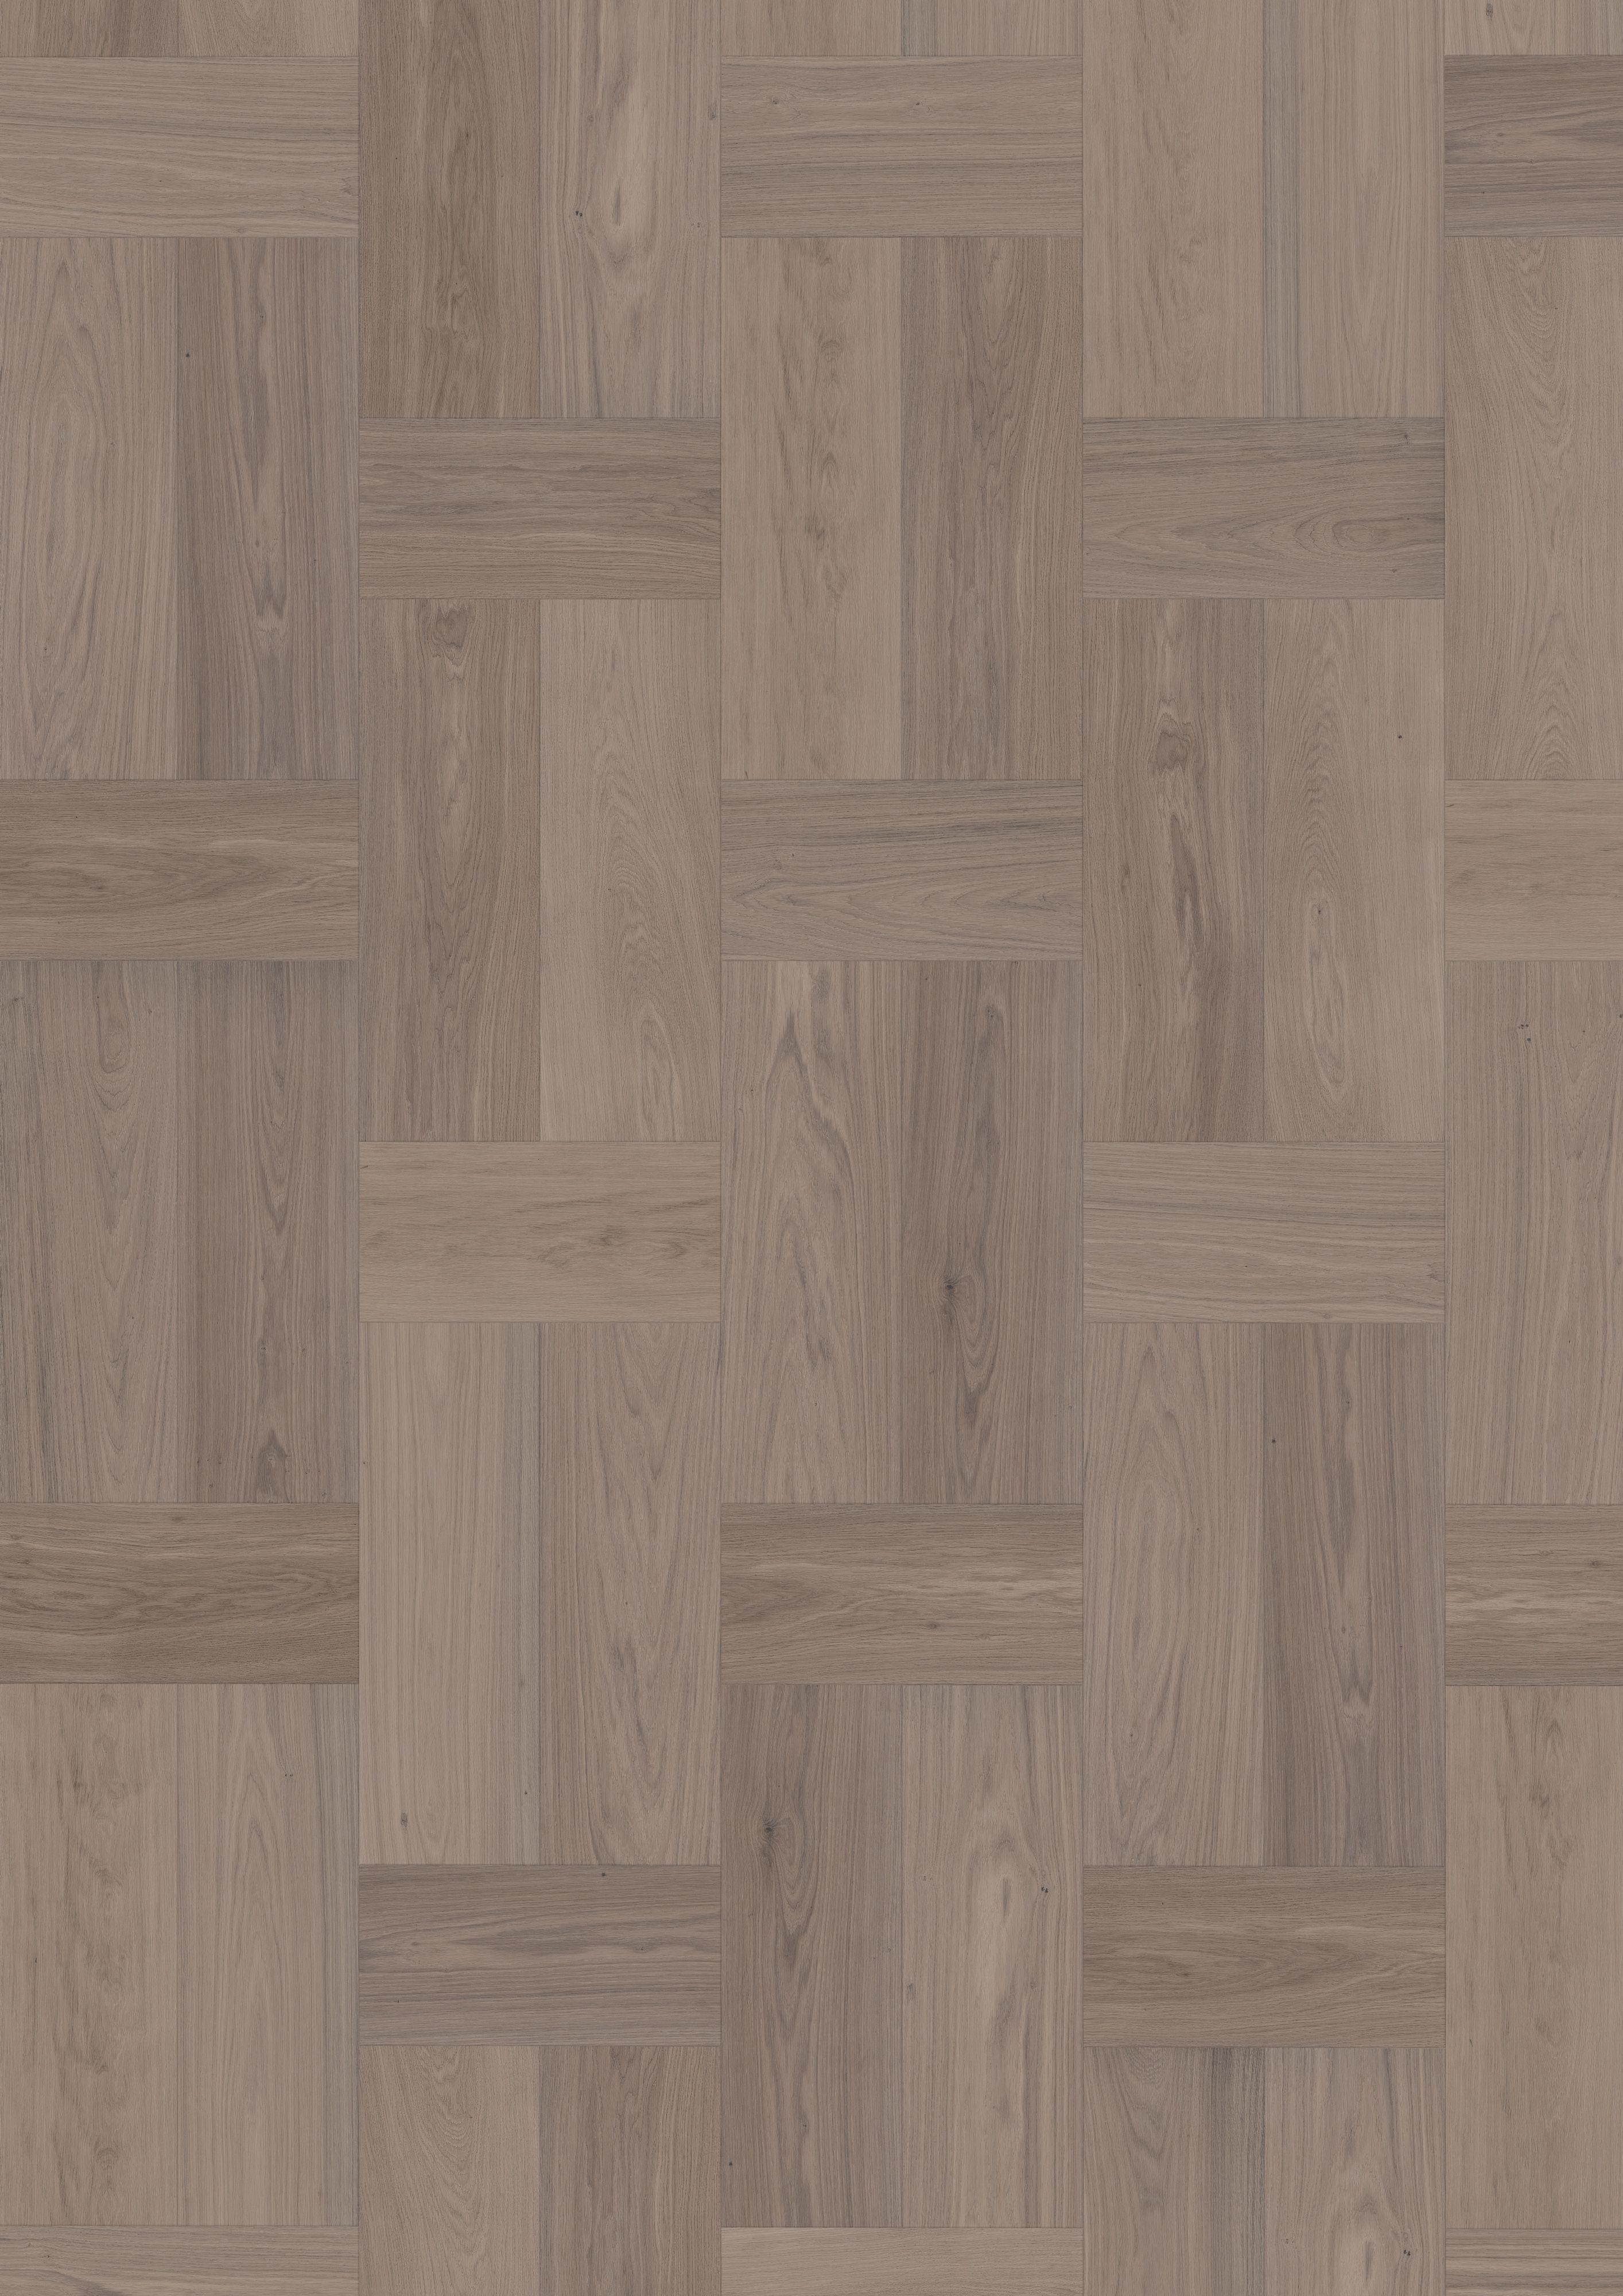 Parkett textur grau  Parkett von Kährs | Modulare 2-Schicht Elemente | Bloc Collection ...